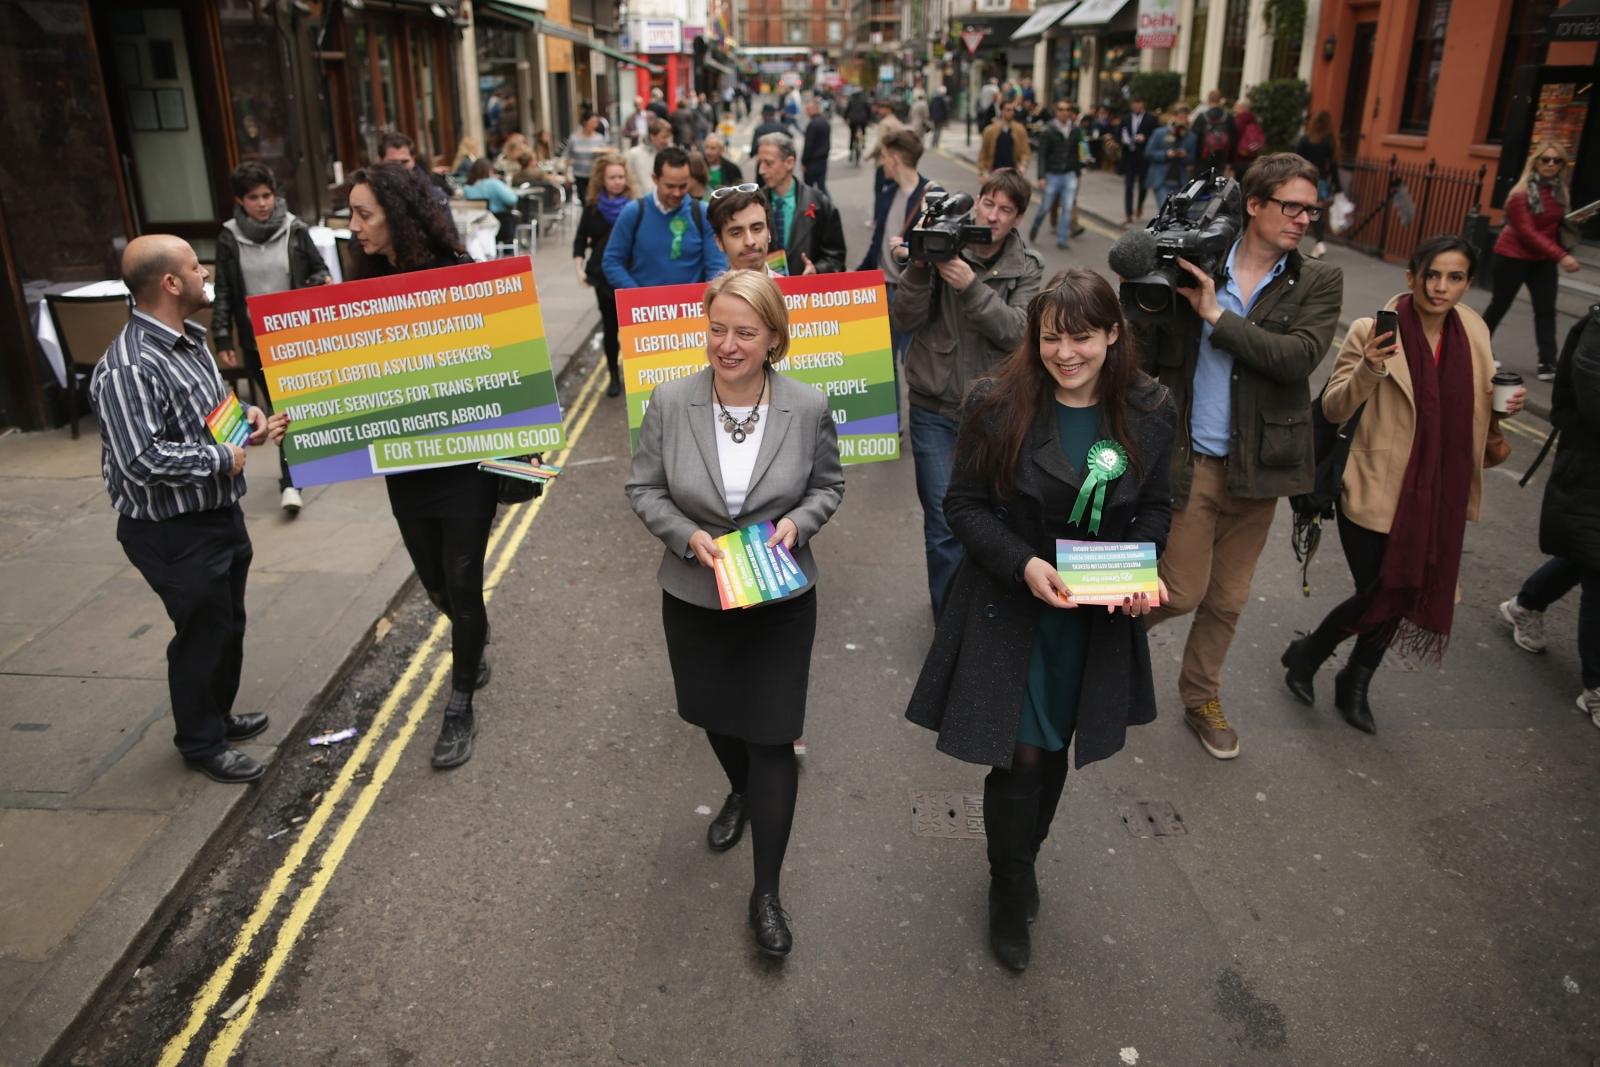 Natalie Bennett LGBTIQ rights